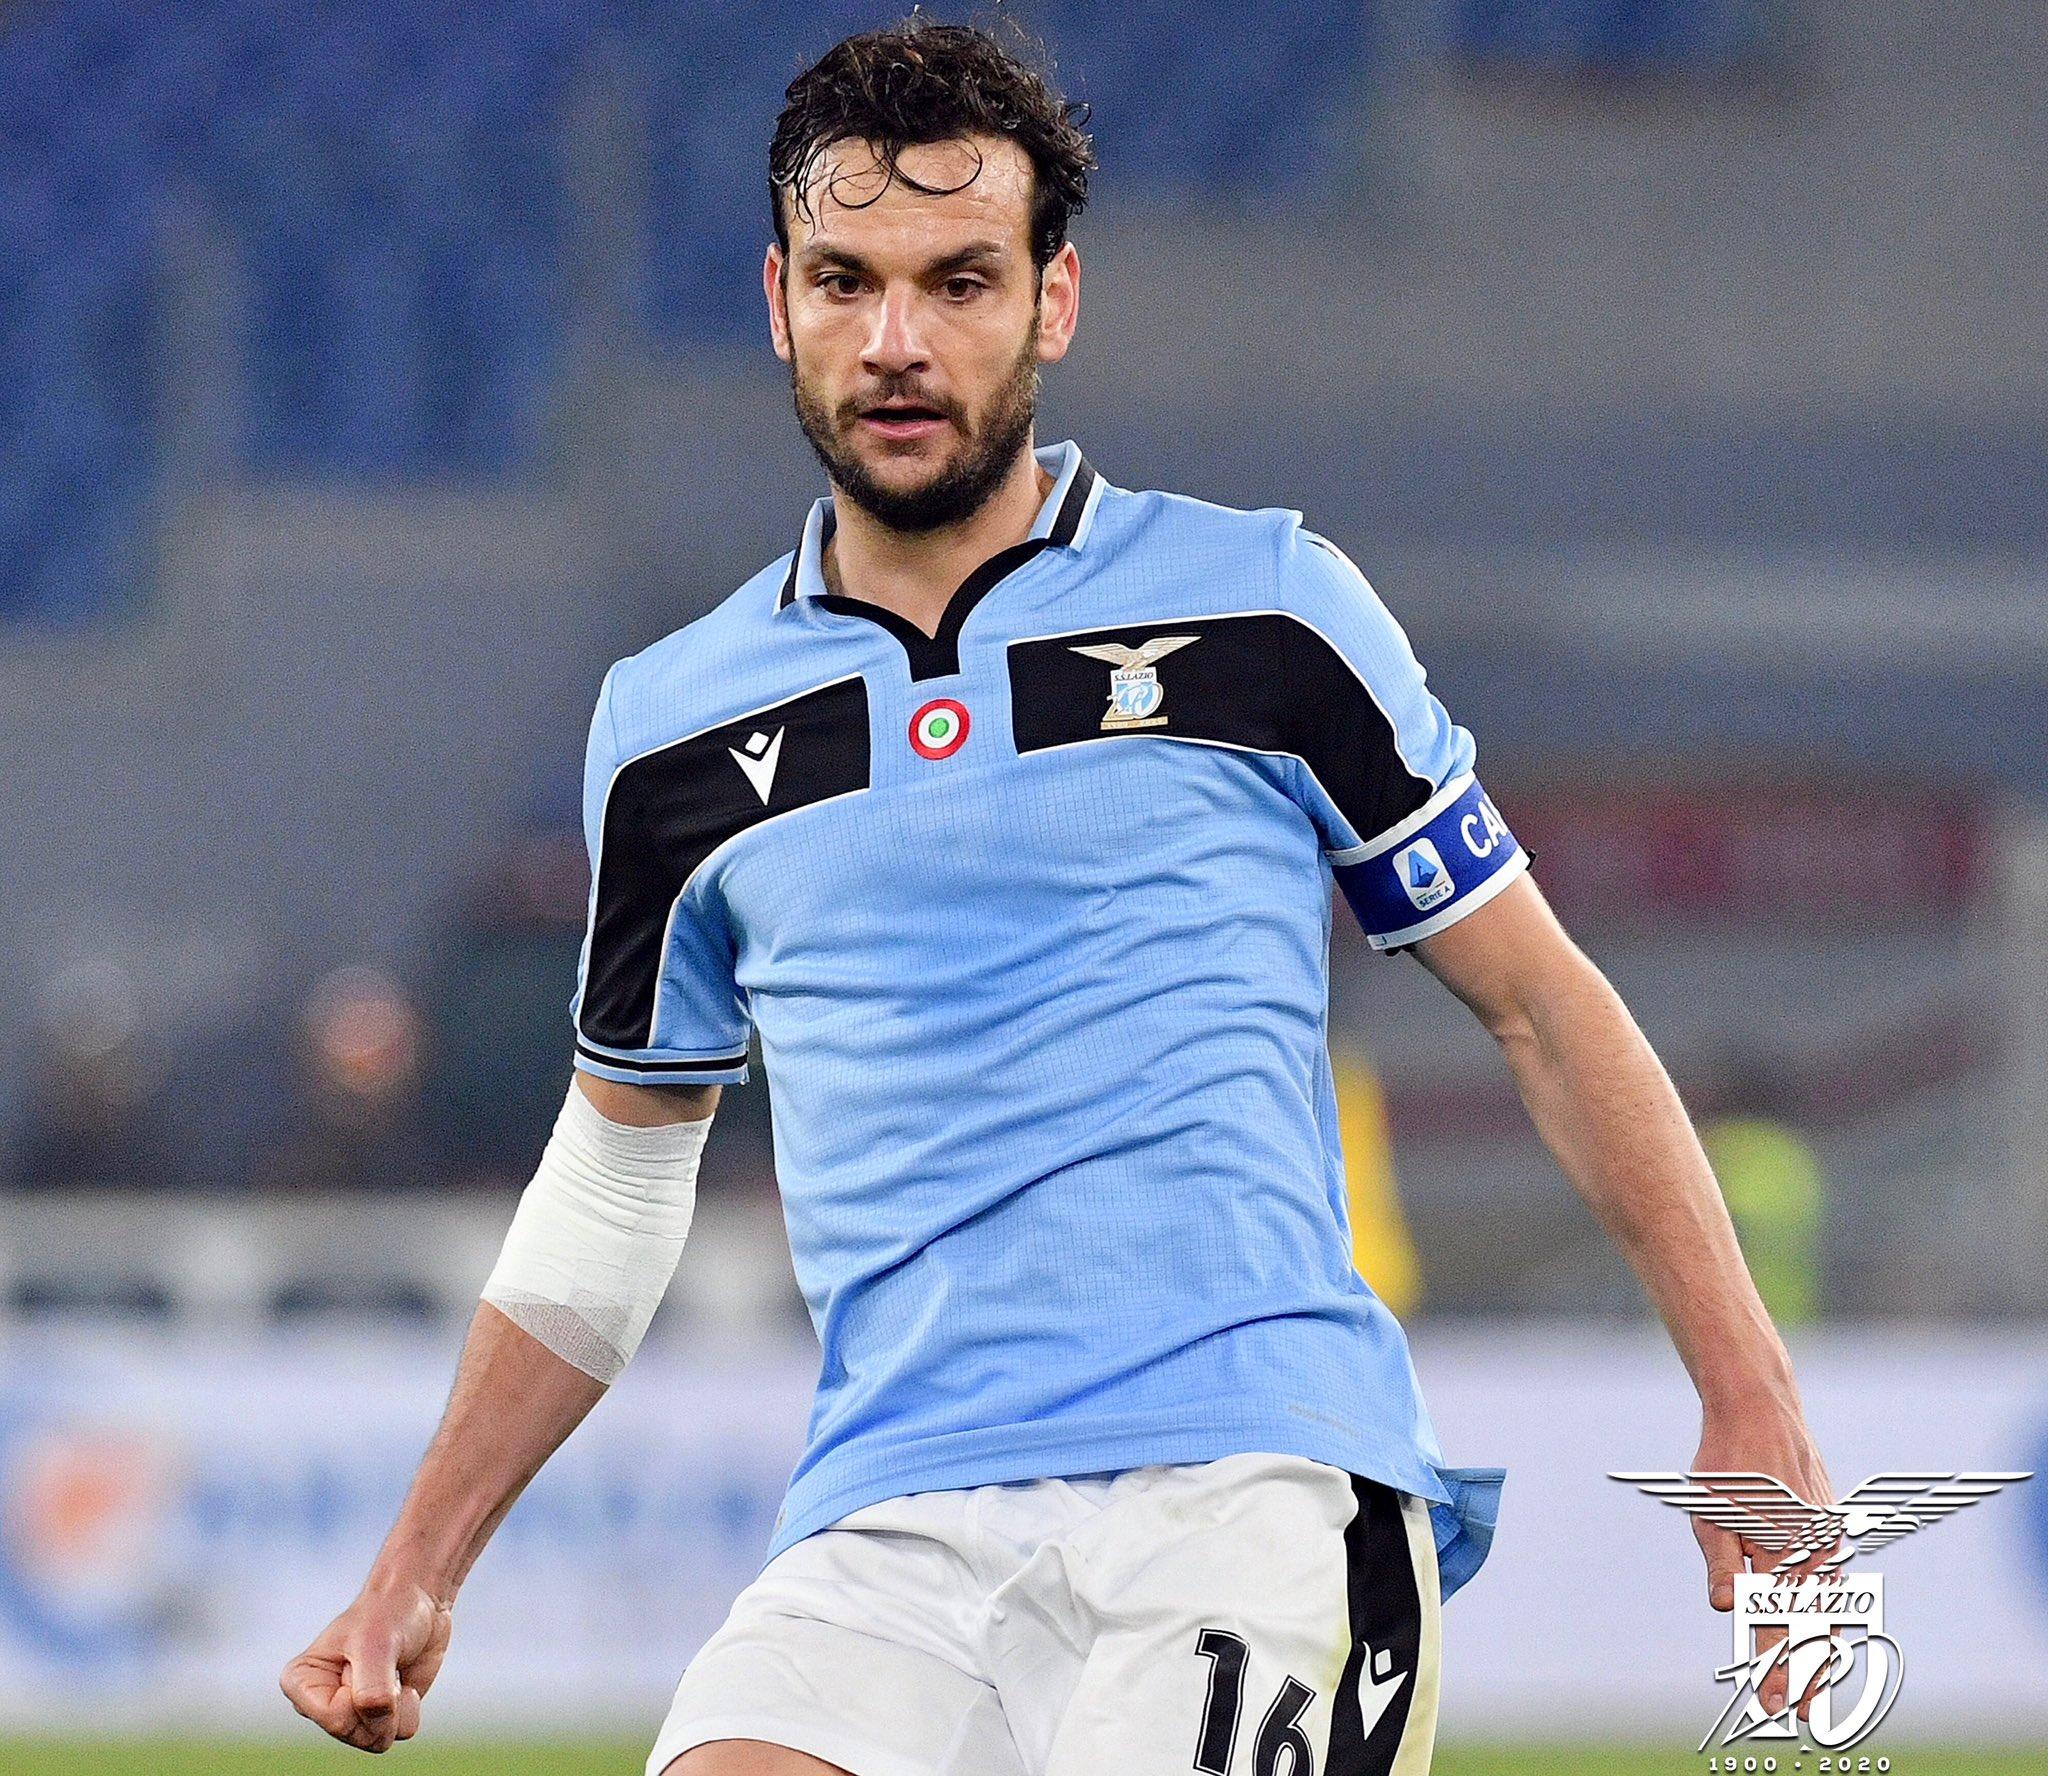 Marco Parolo / S.S. Lazio